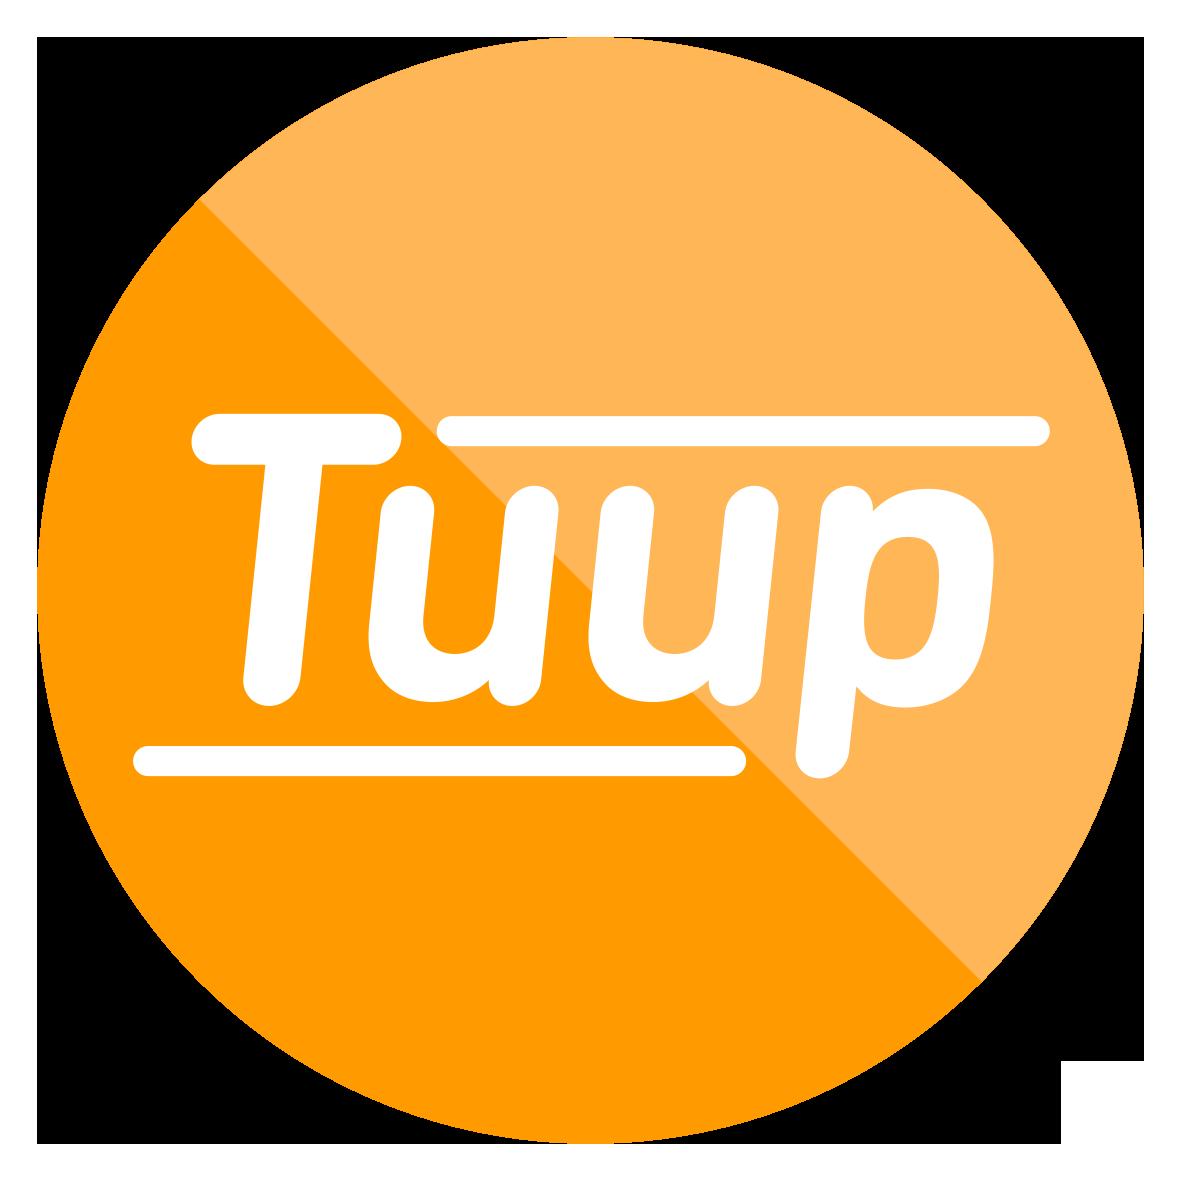 Tuup.jpg